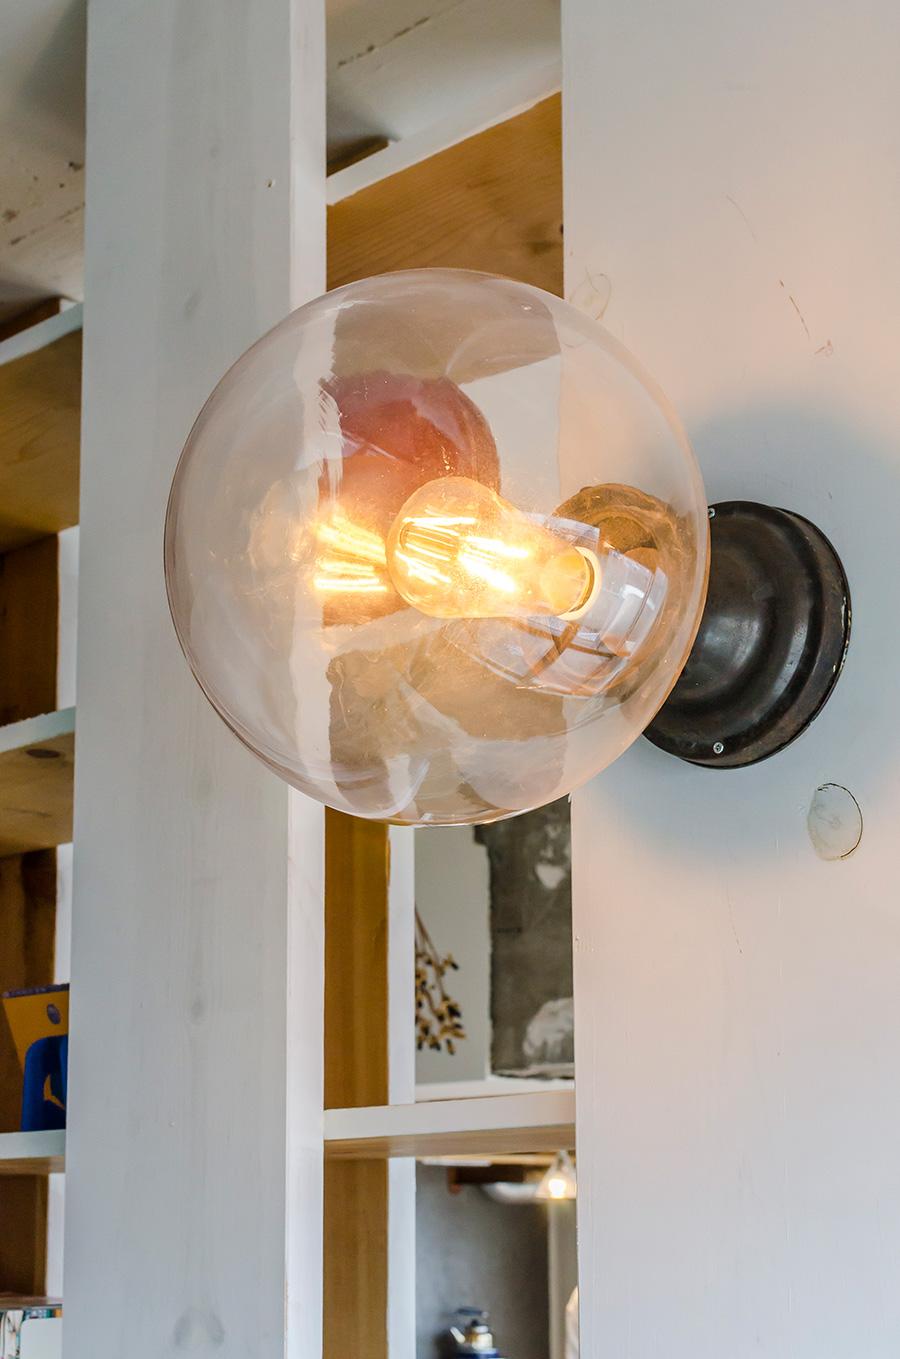 雑貨屋さんで買った道具に、自分でソケットをつけて作った照明を灯す。